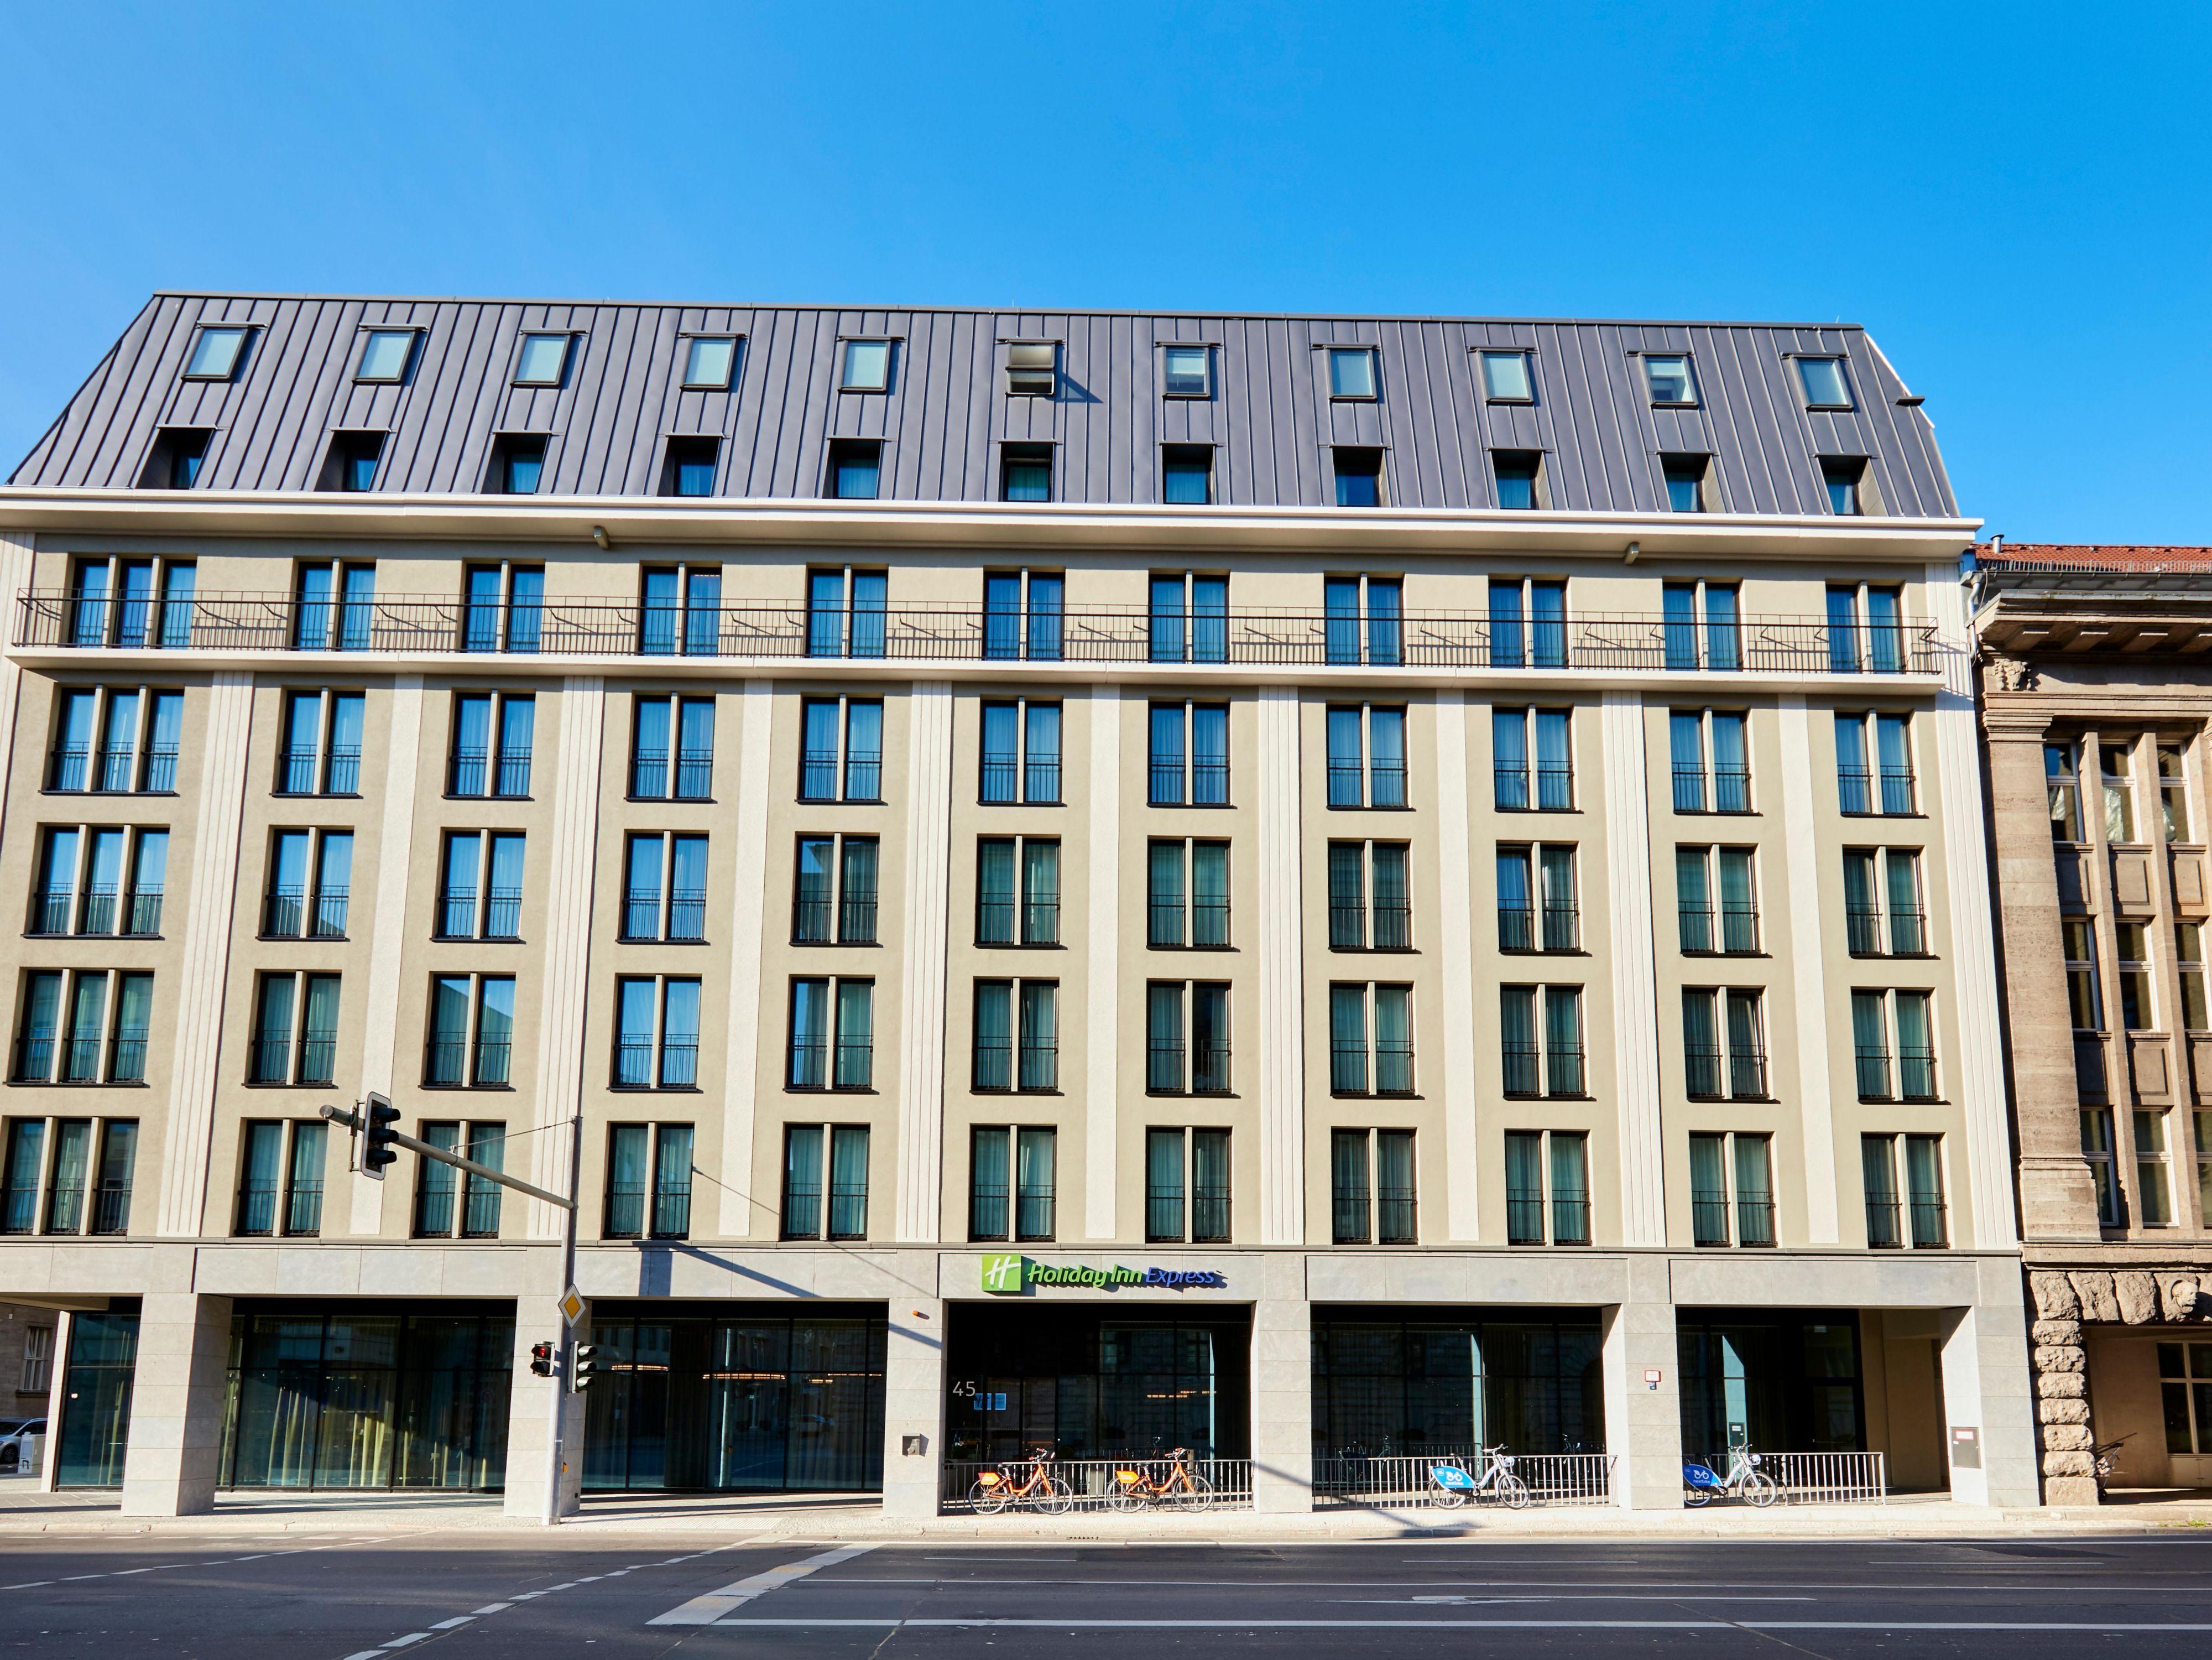 Hotels In Berlin Suchen Die Besten 16 Hotels In Berlin Germany